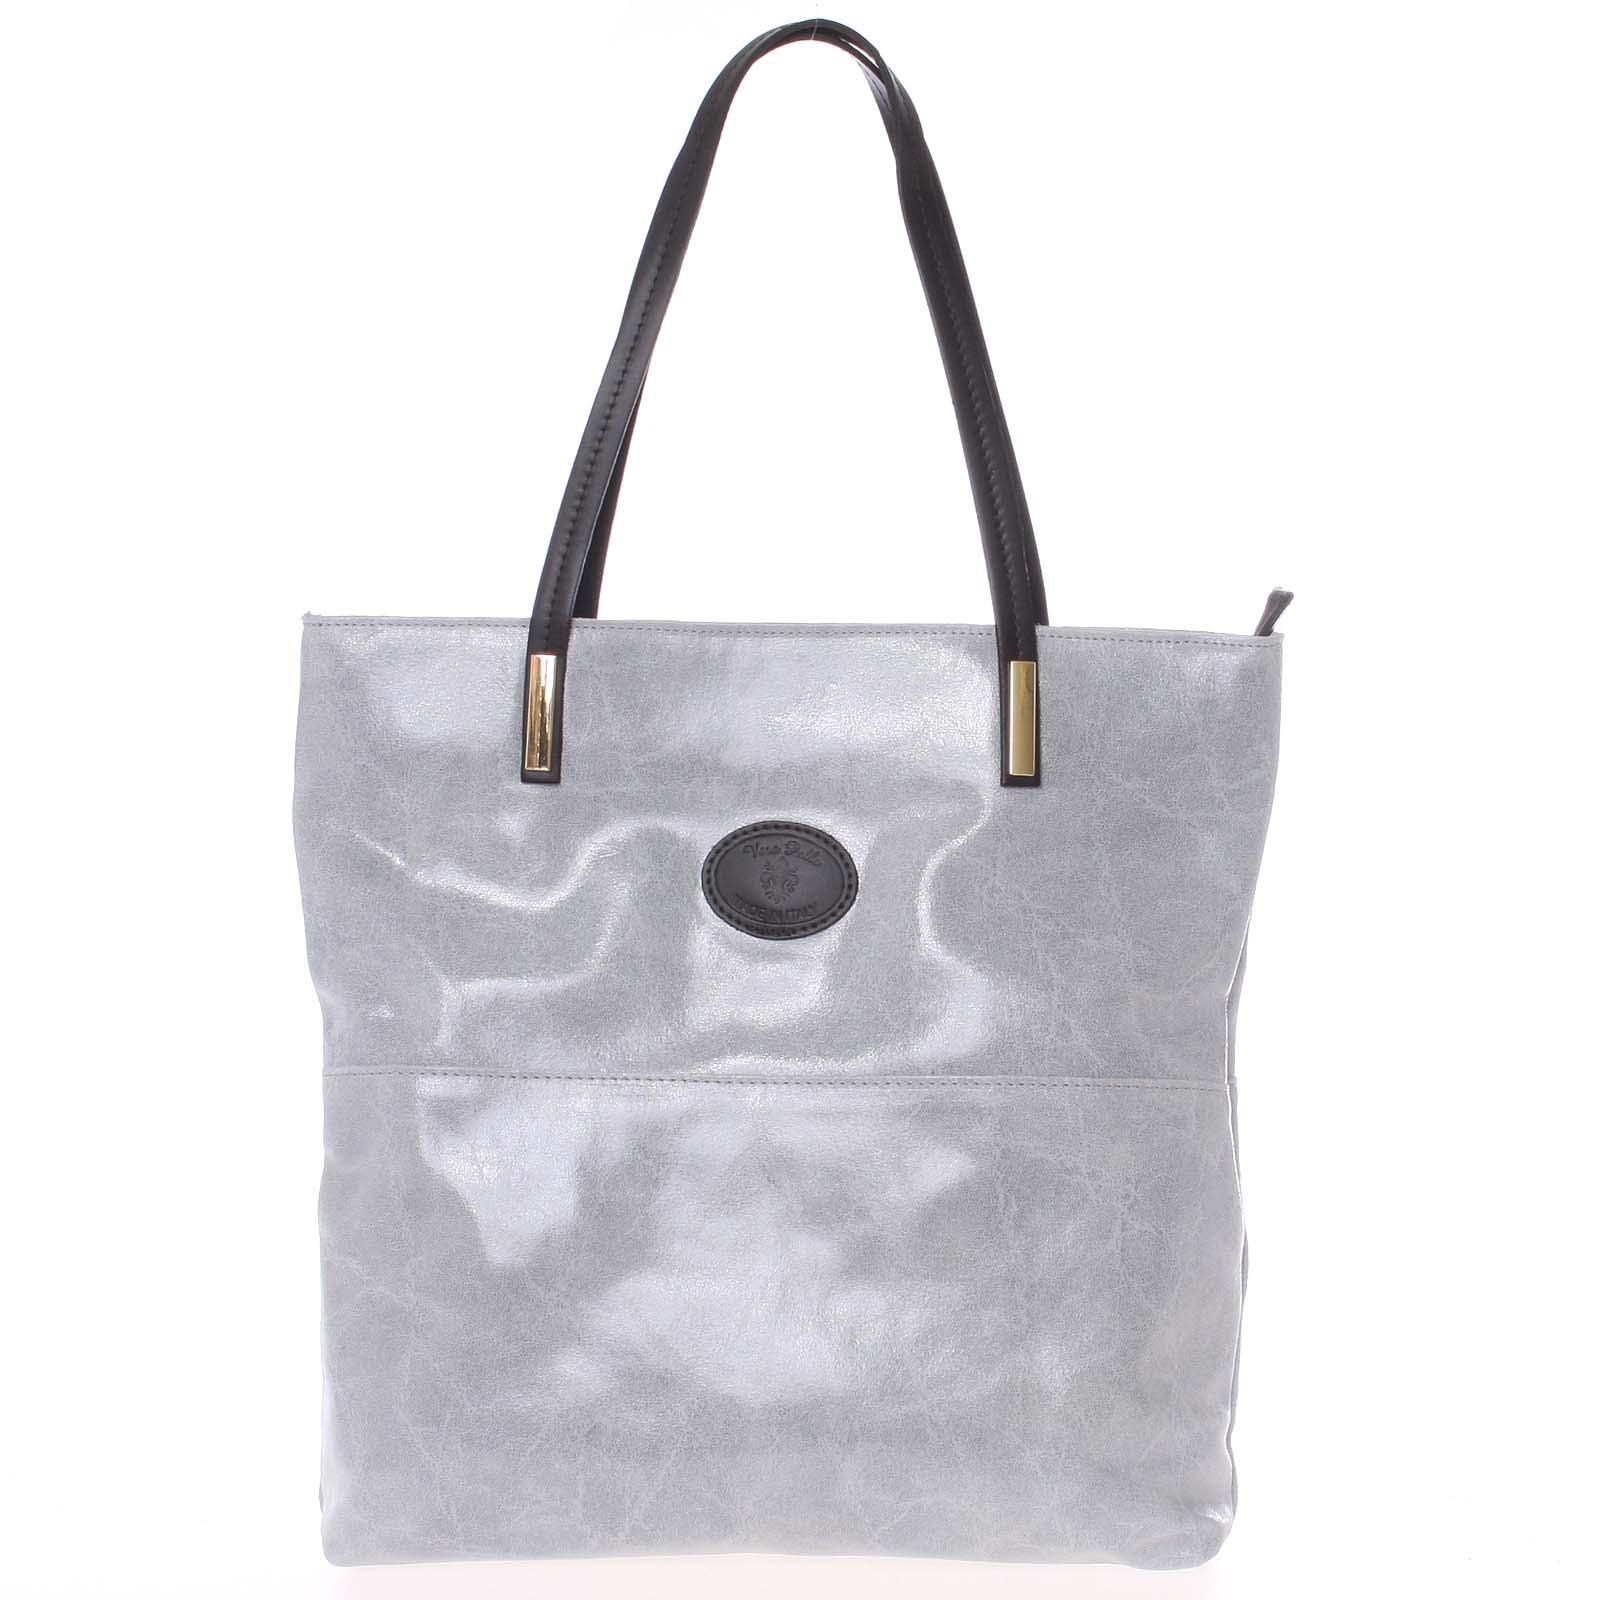 Veľká kožená kabelka cez rameno sivá - ItalY Obelia šedá